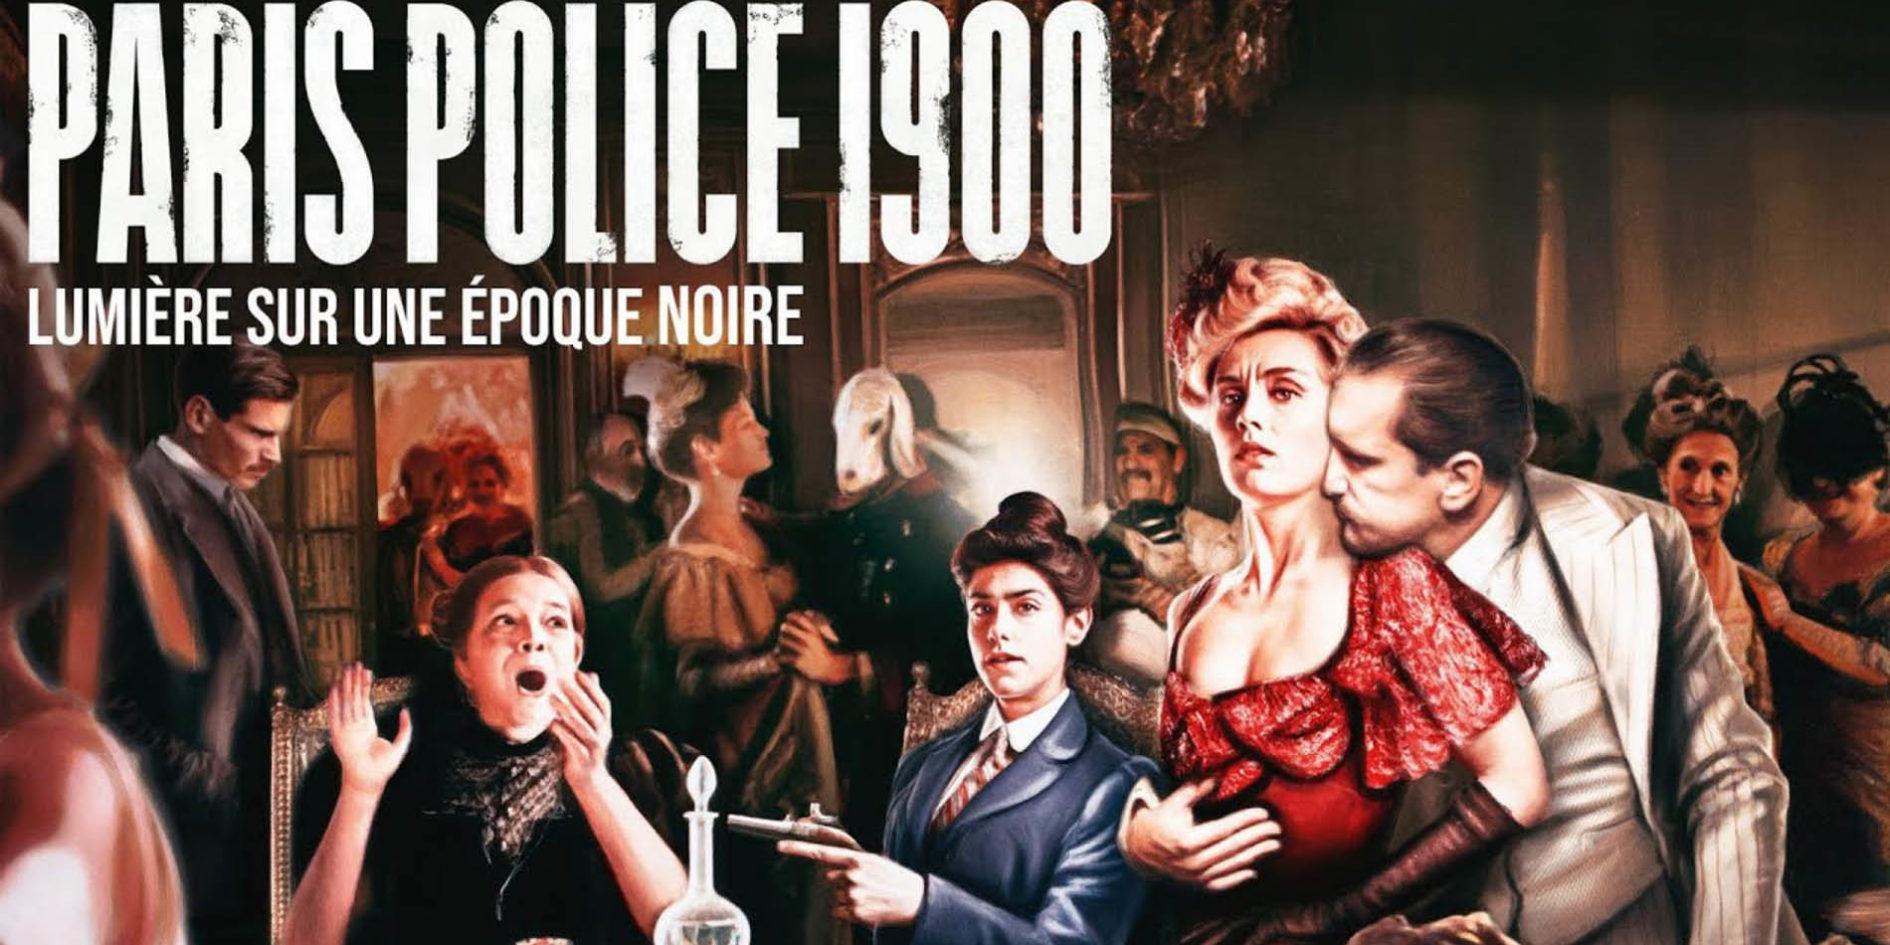 Série paris police 1900